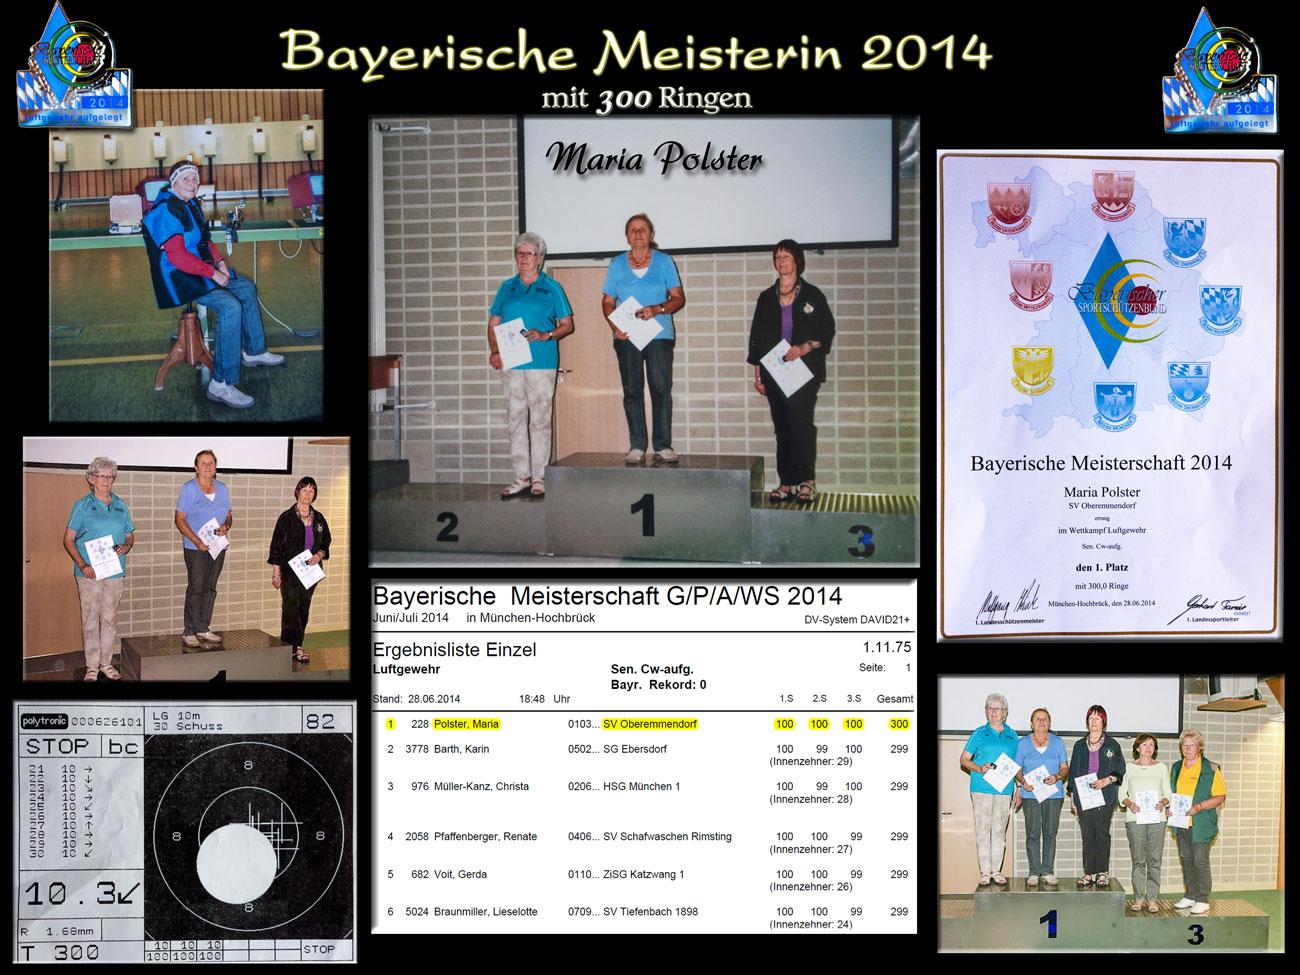 Maria-Polster-2014-BM-